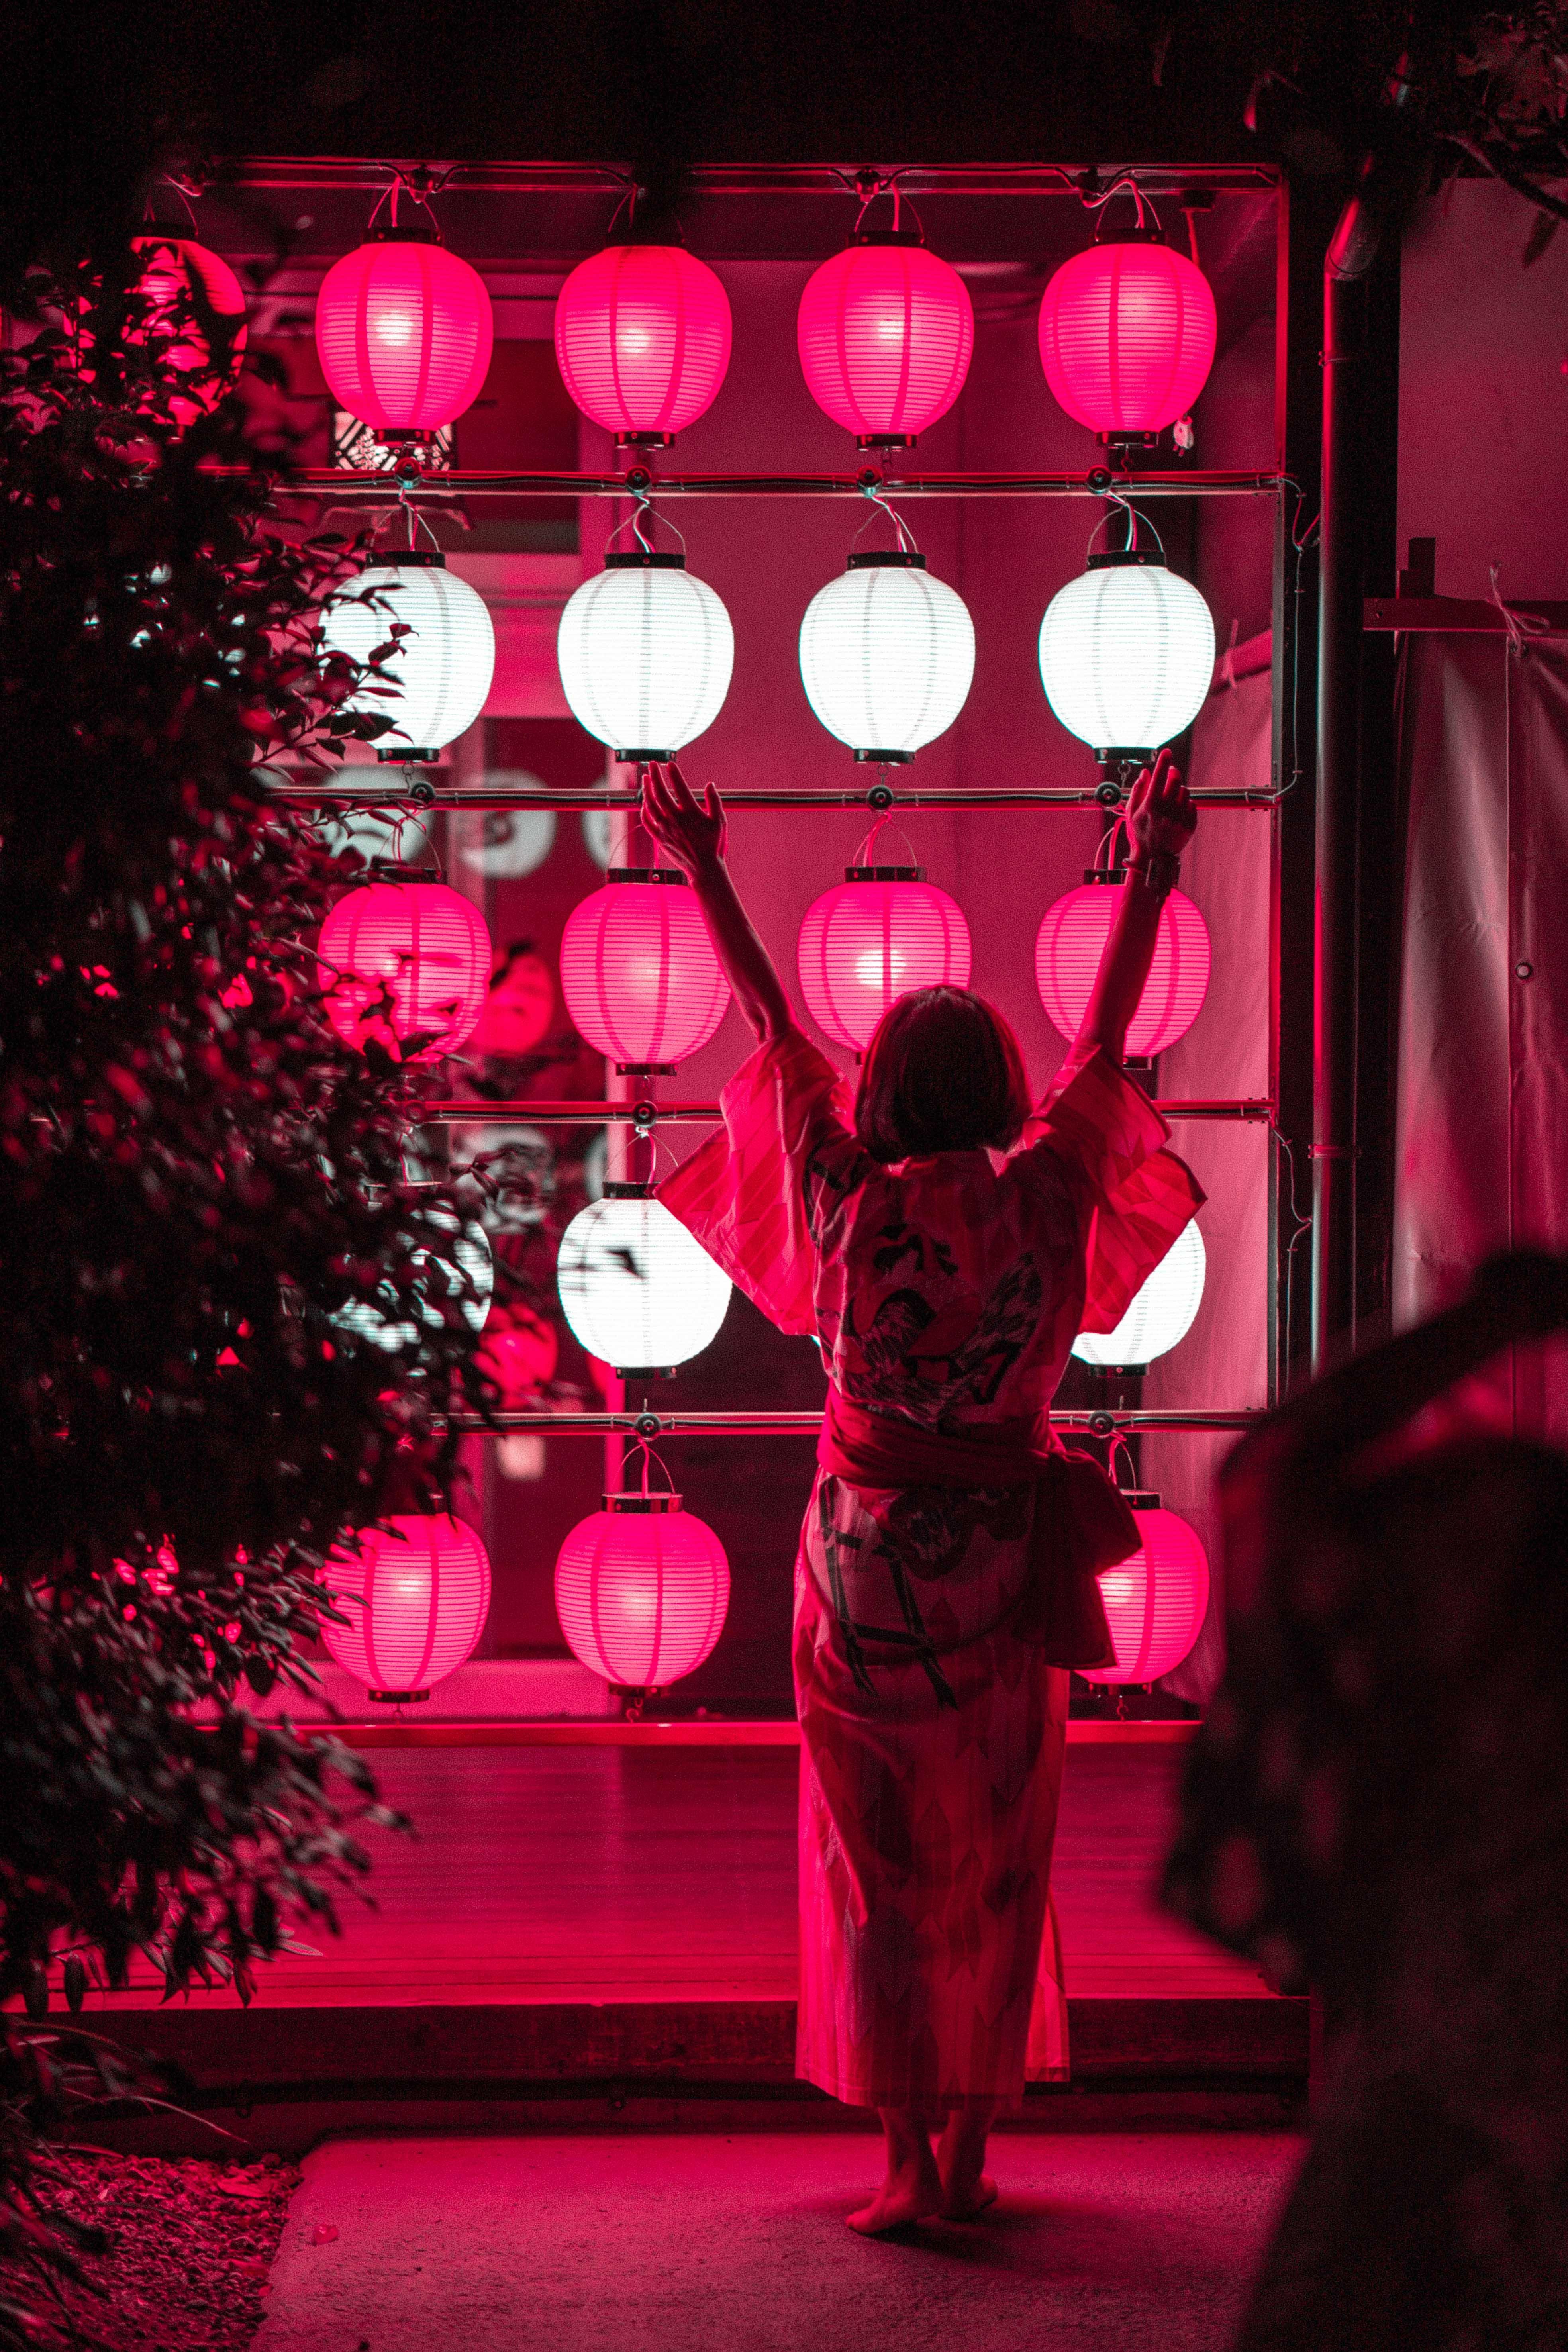 woman facing pink and white lantern